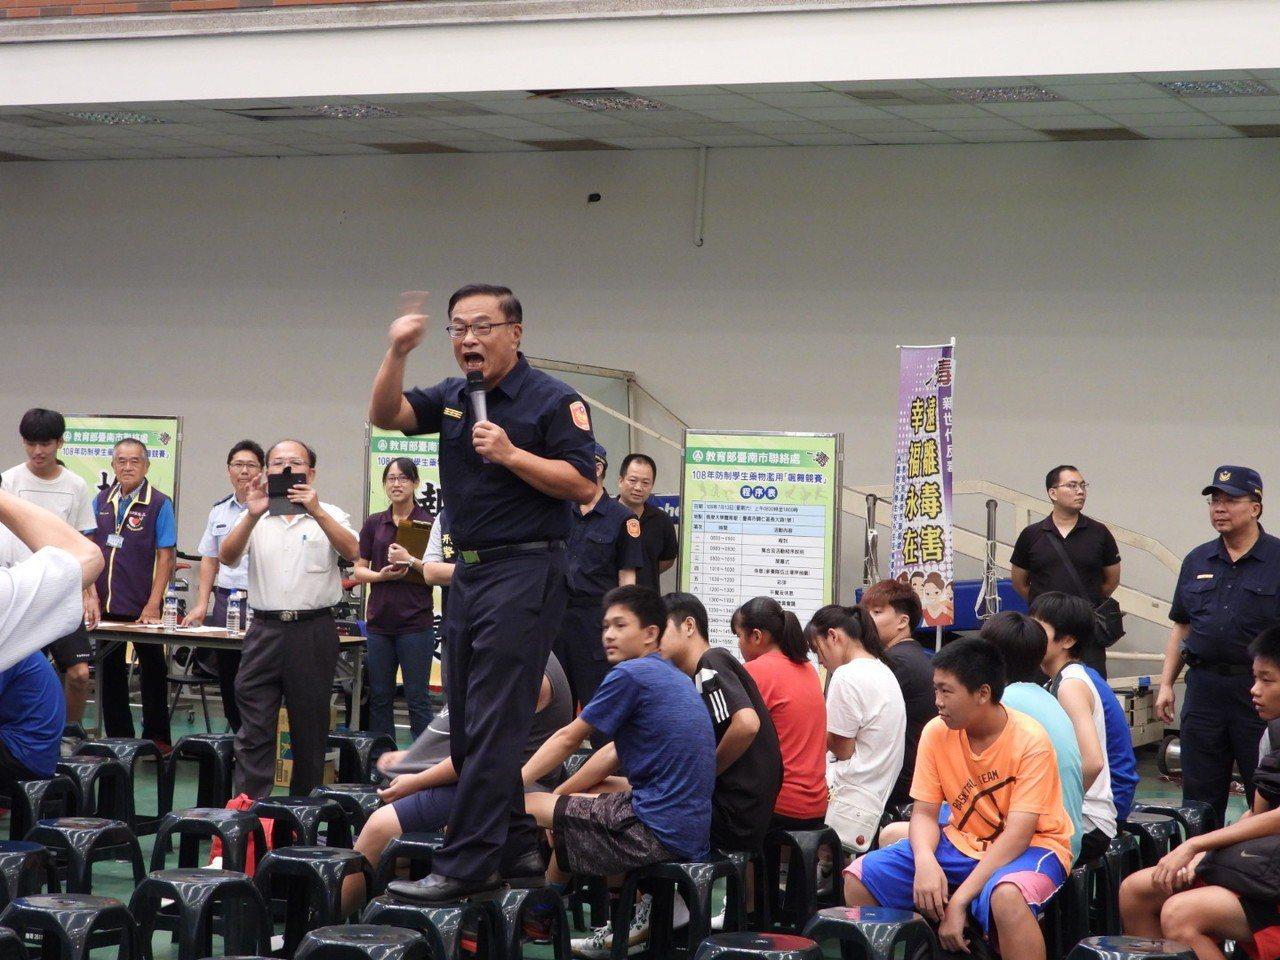 活動正式開始前黃宗仁站上椅子高歌接受各方喝采。記者周宗禎/攝影